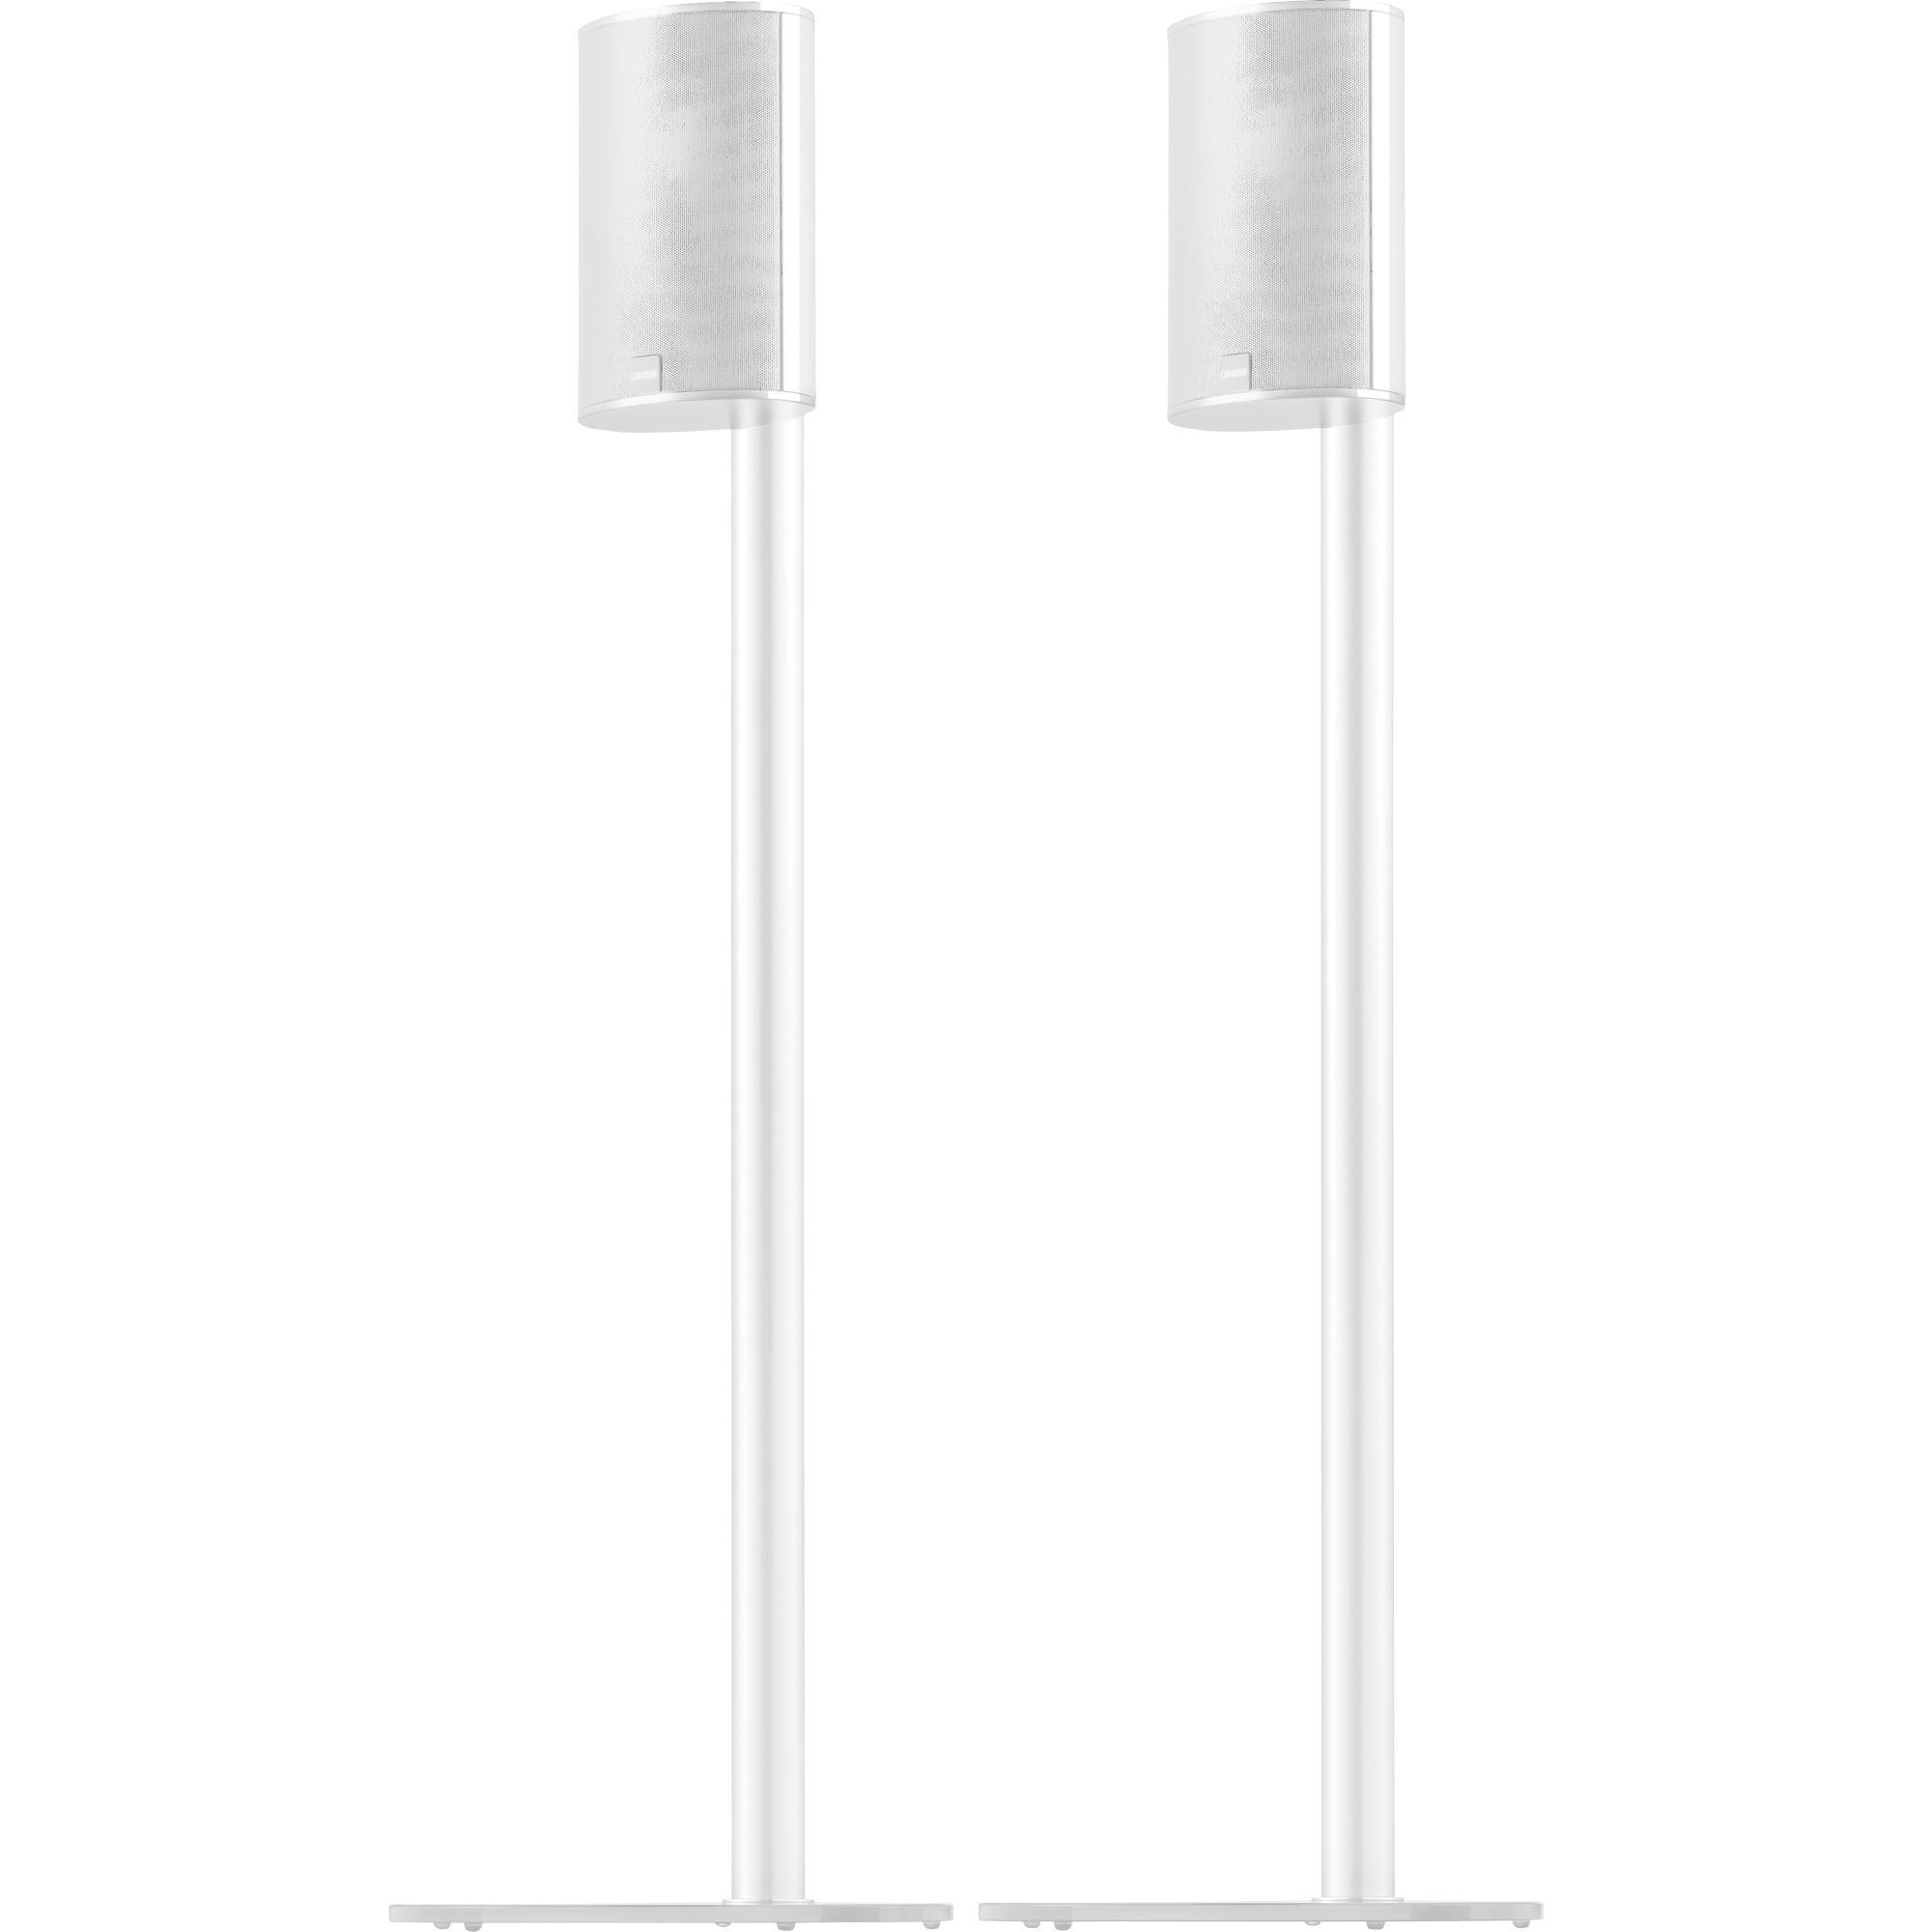 CD 220.3 120W Blanco altavoz